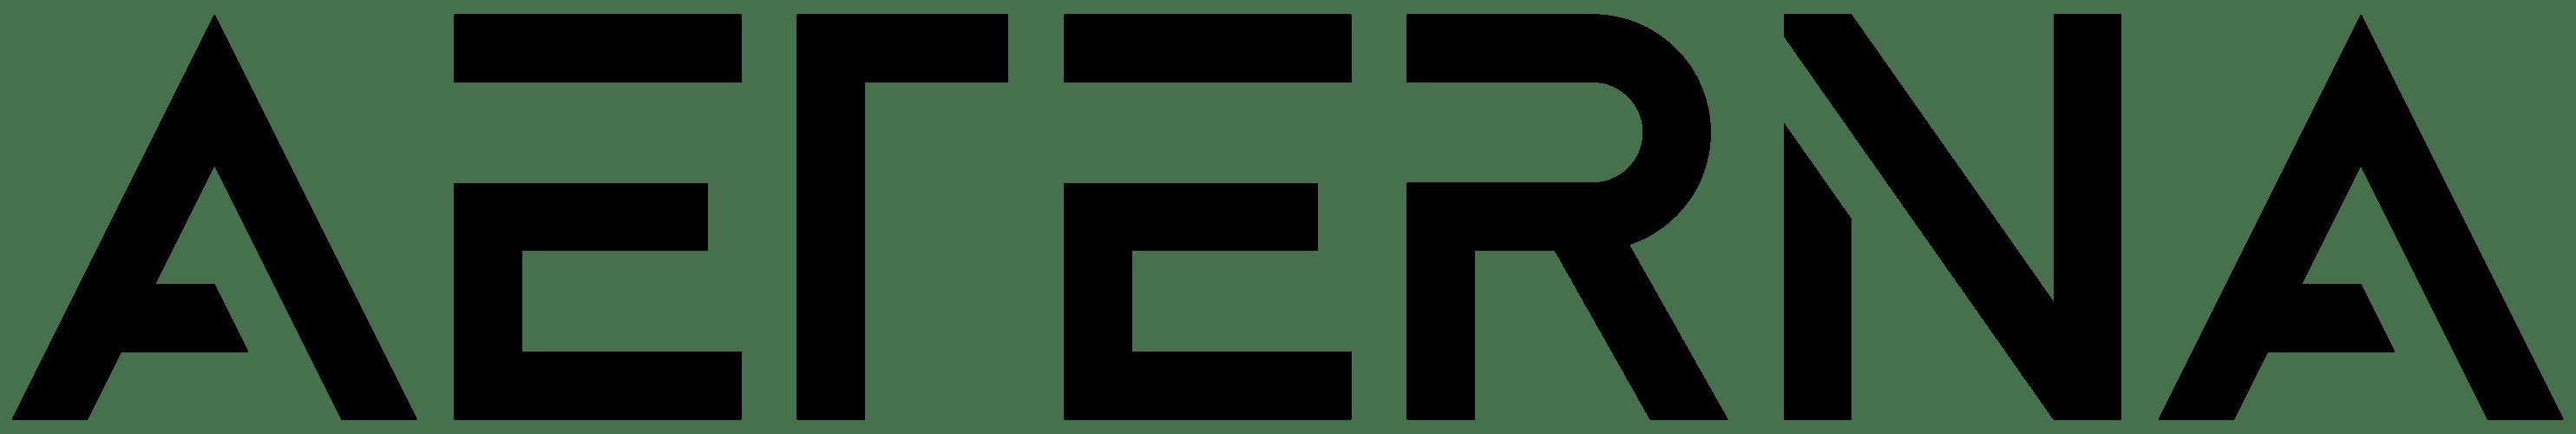 Aeterna Media